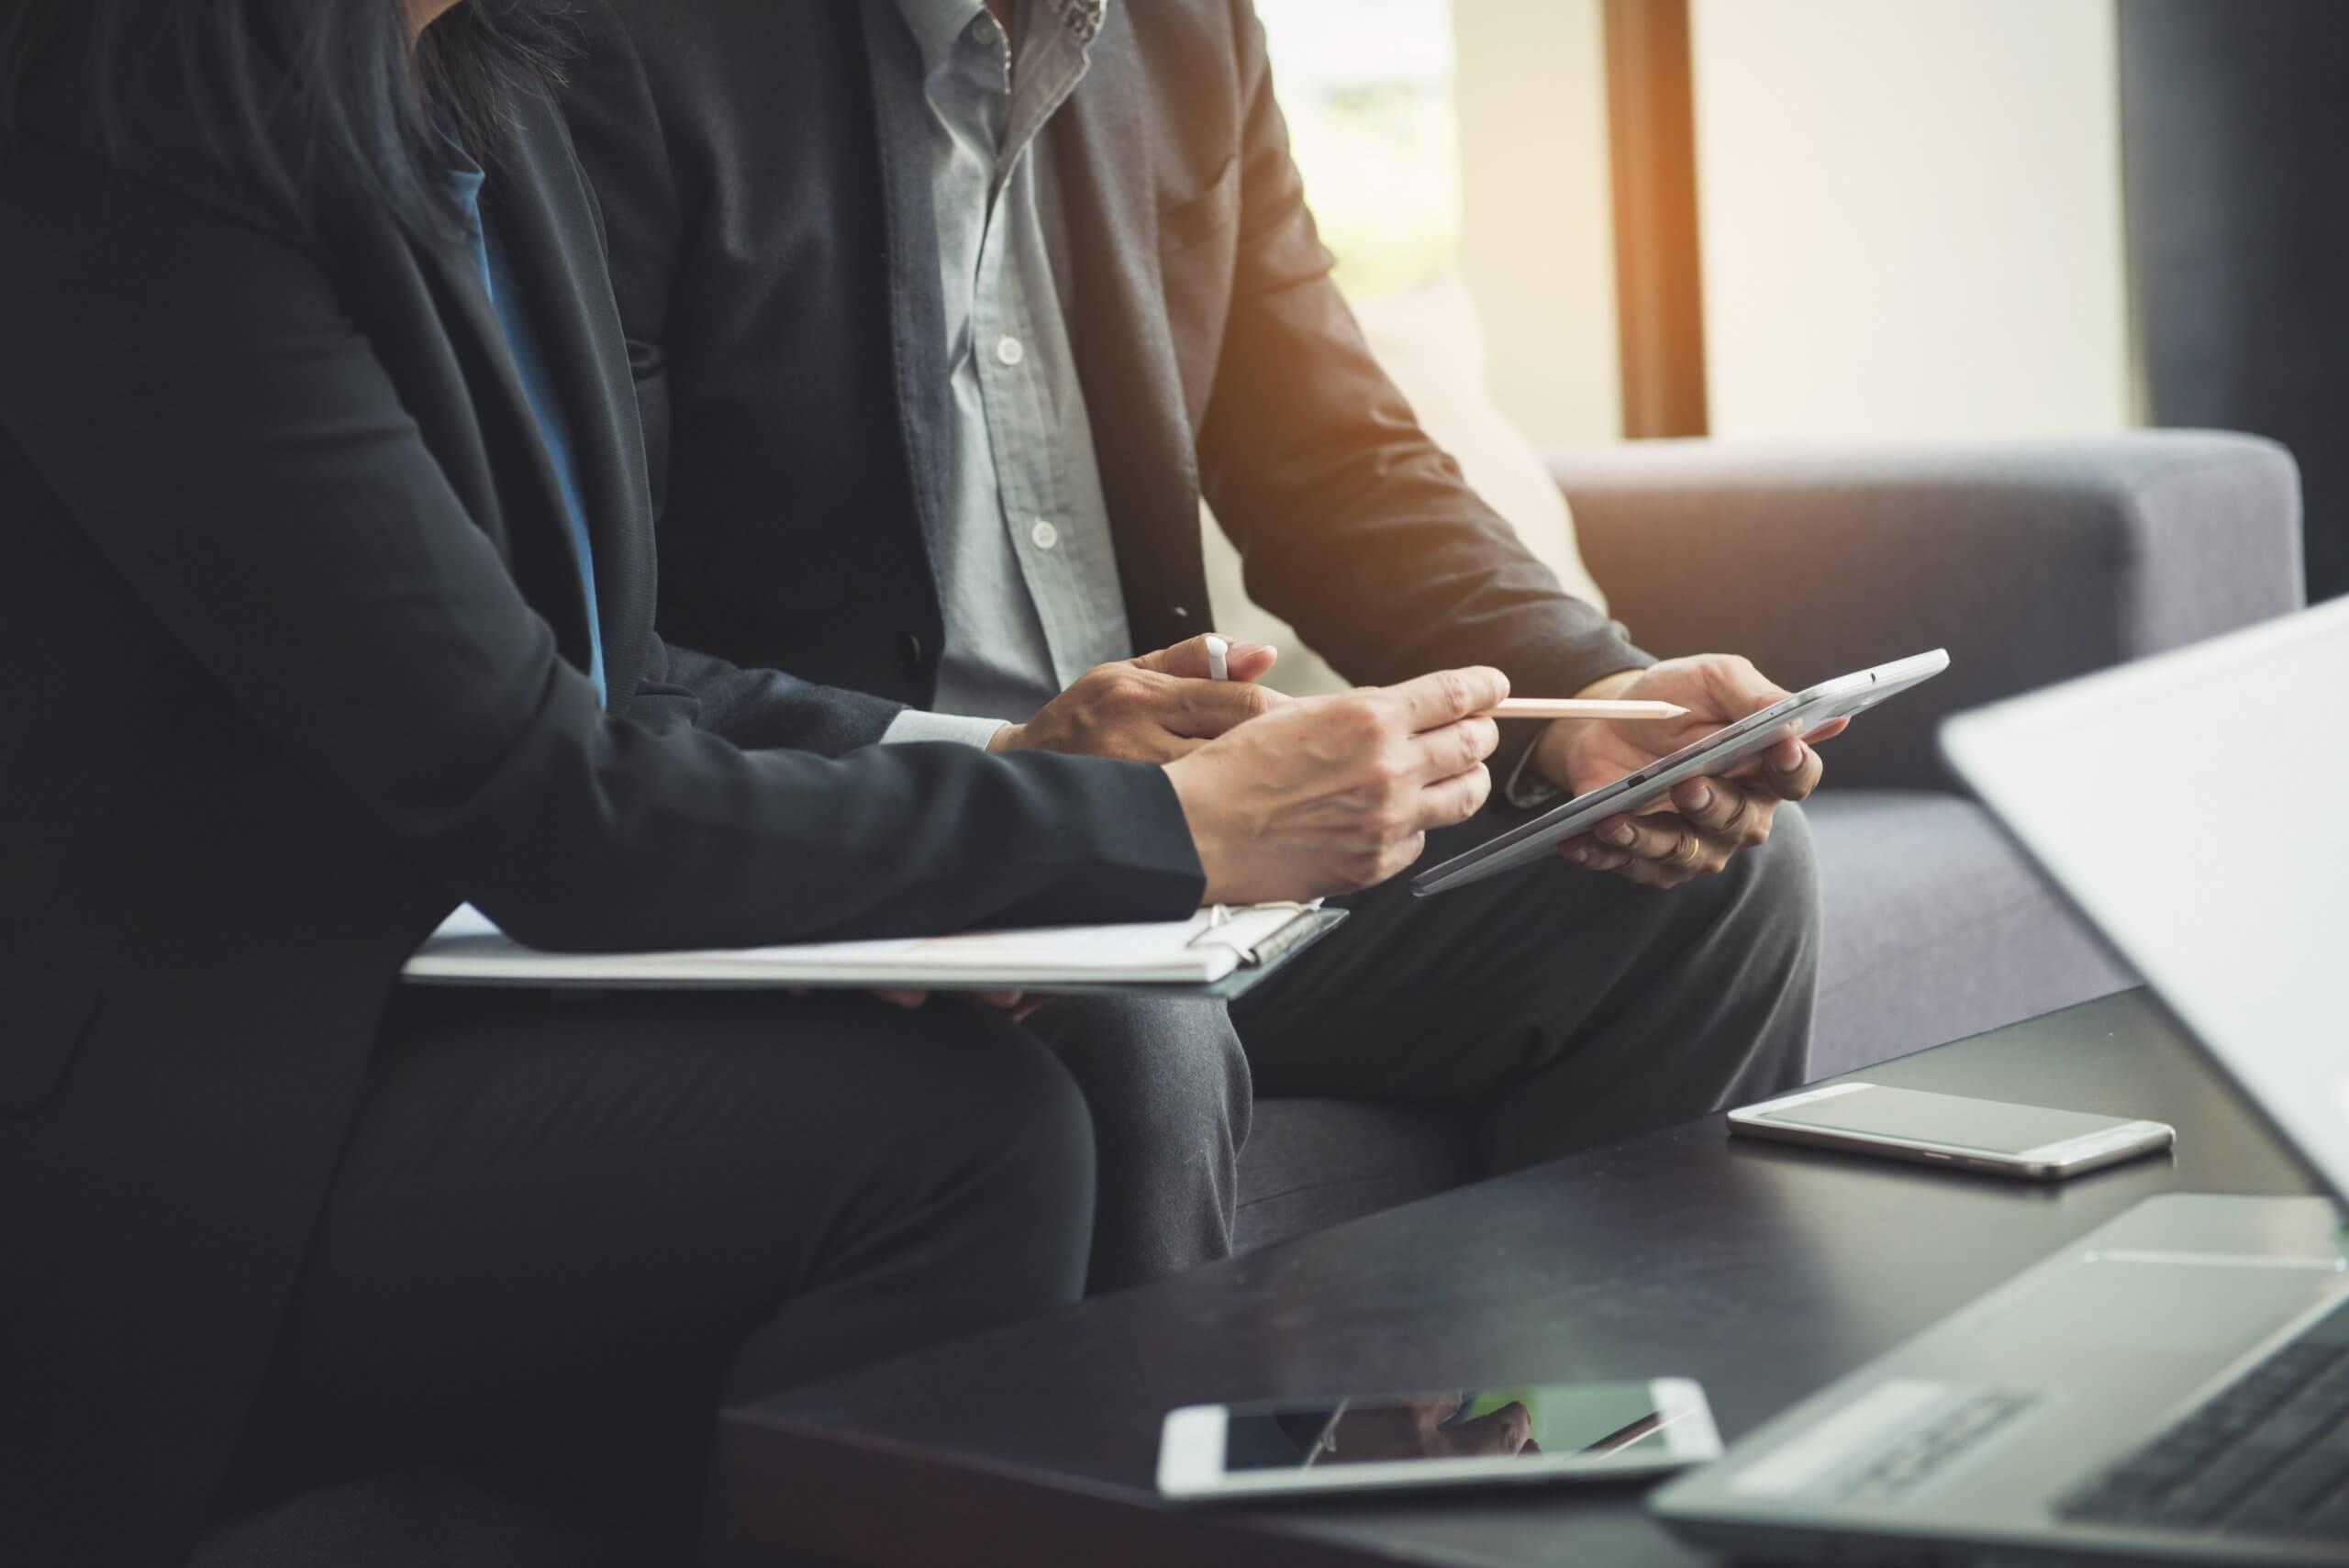 factoraje financiero - financiamiento a corto plazo - financiamiento de una empresa